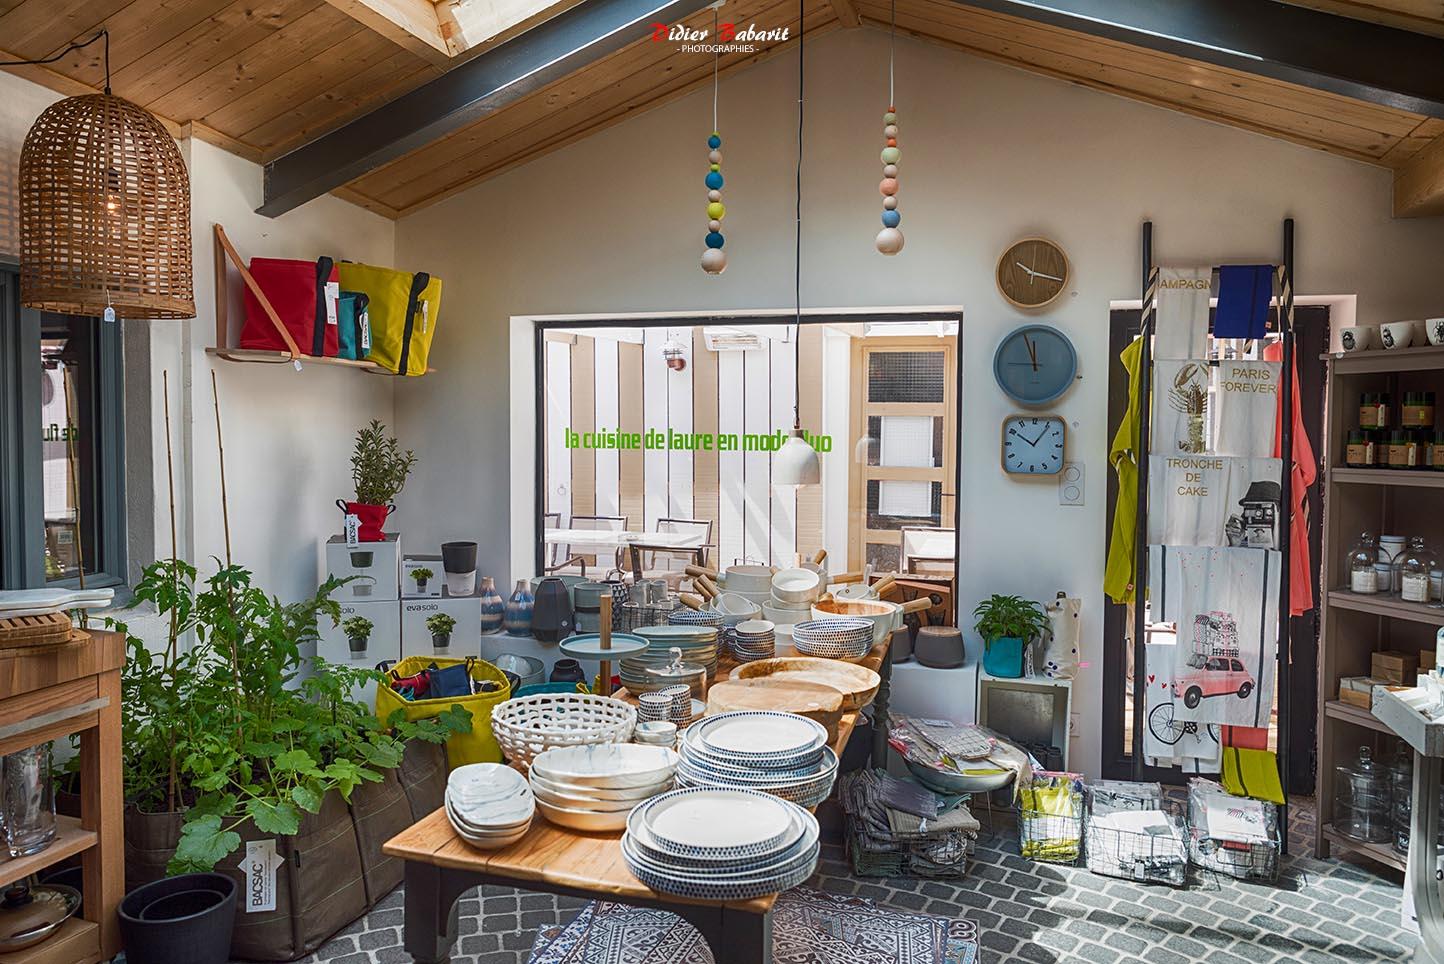 La cuisine de Laure 29 avril 2016 (36)_HDR